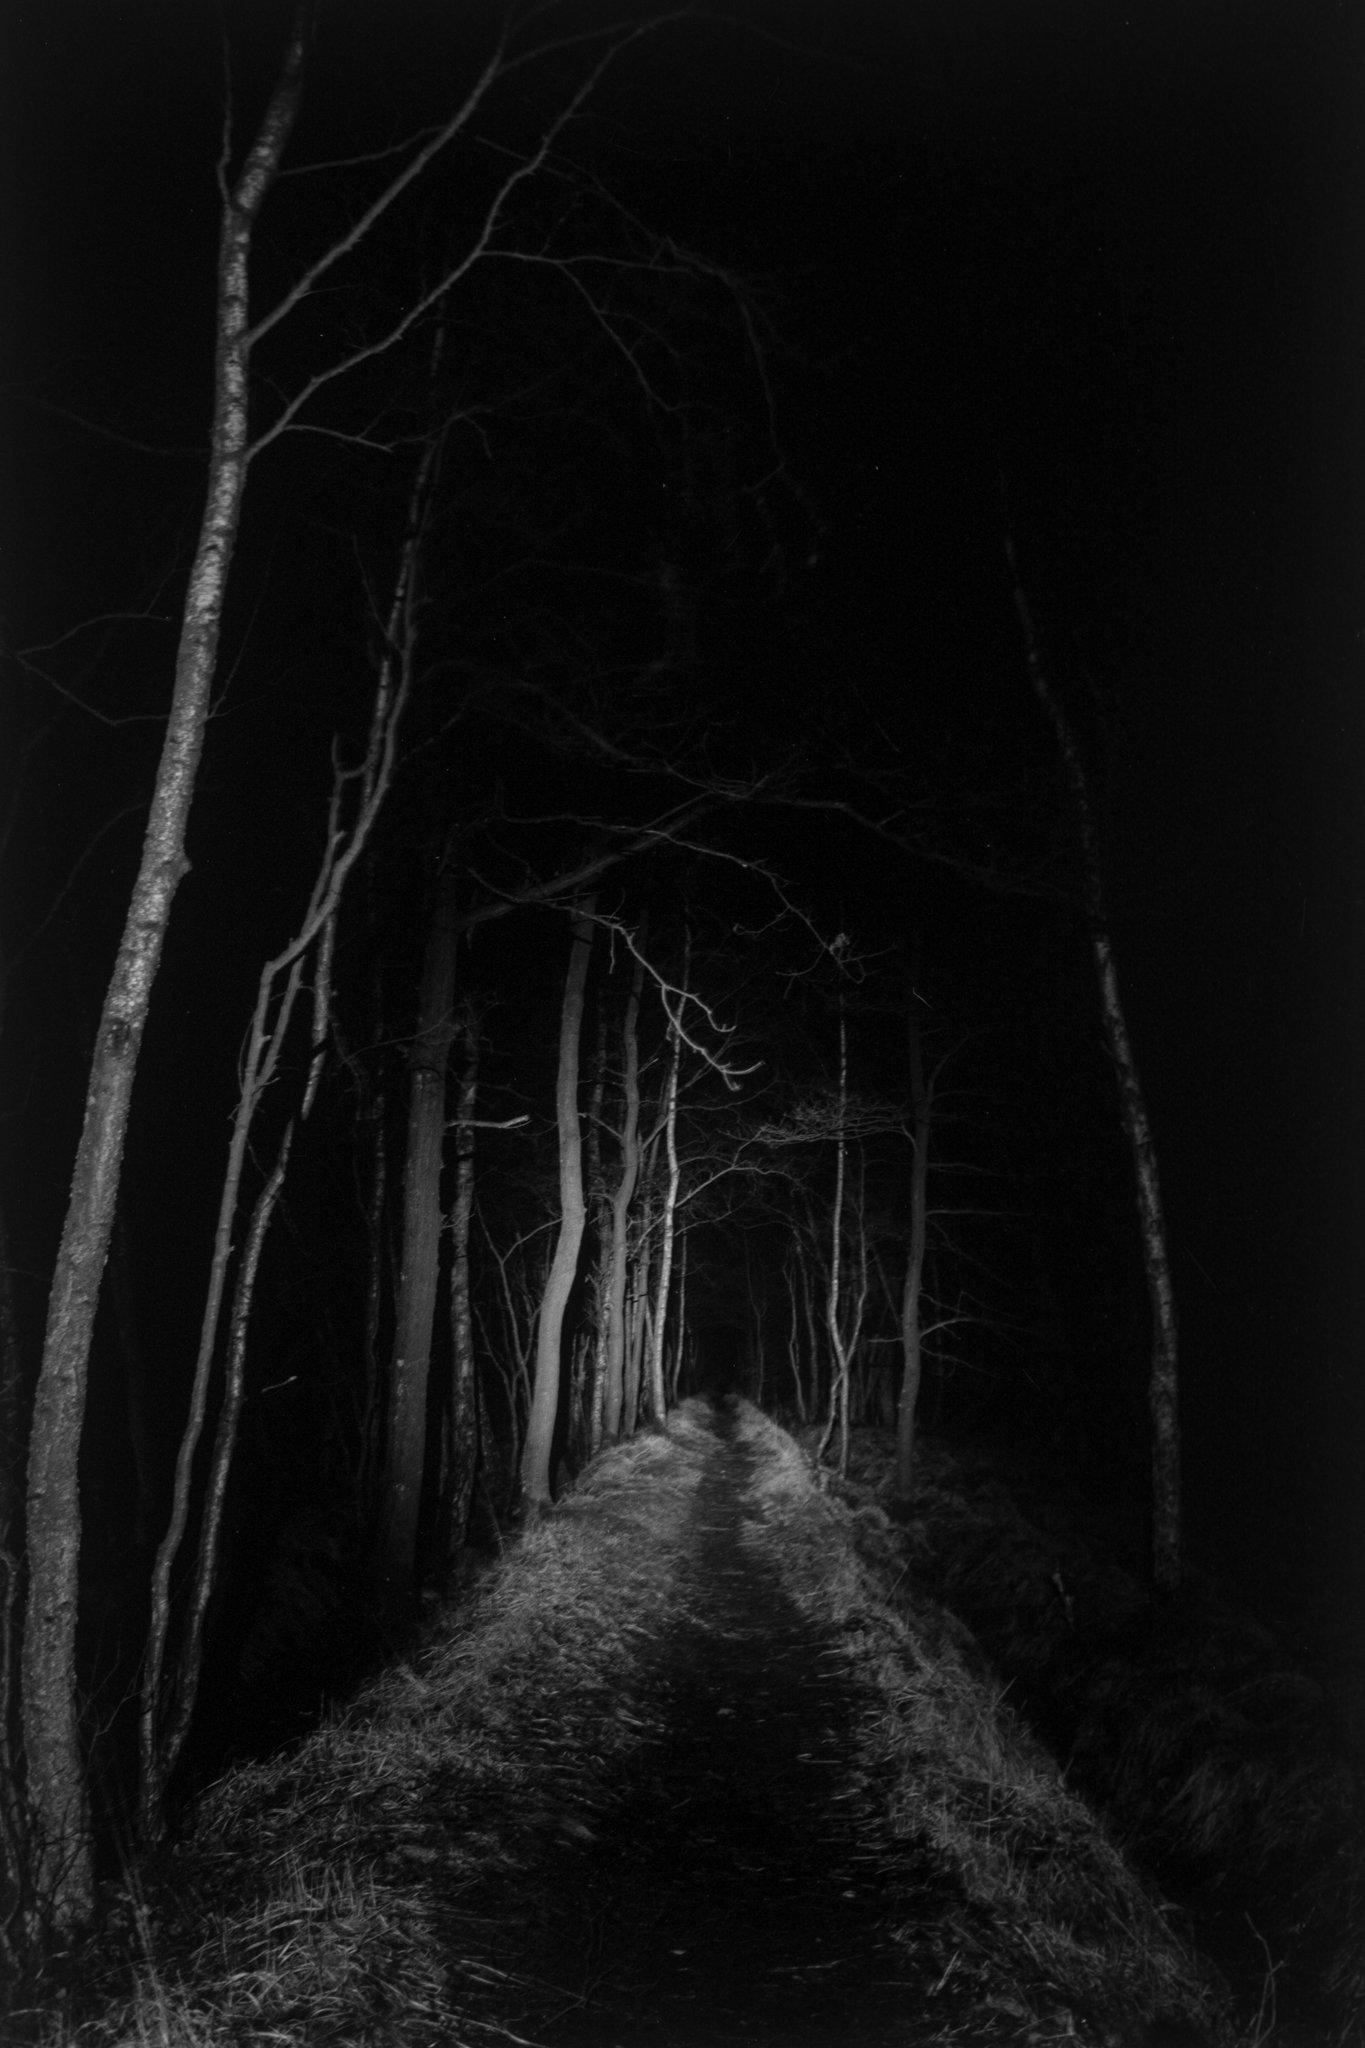 miguel brusch_through the night-05.jpg